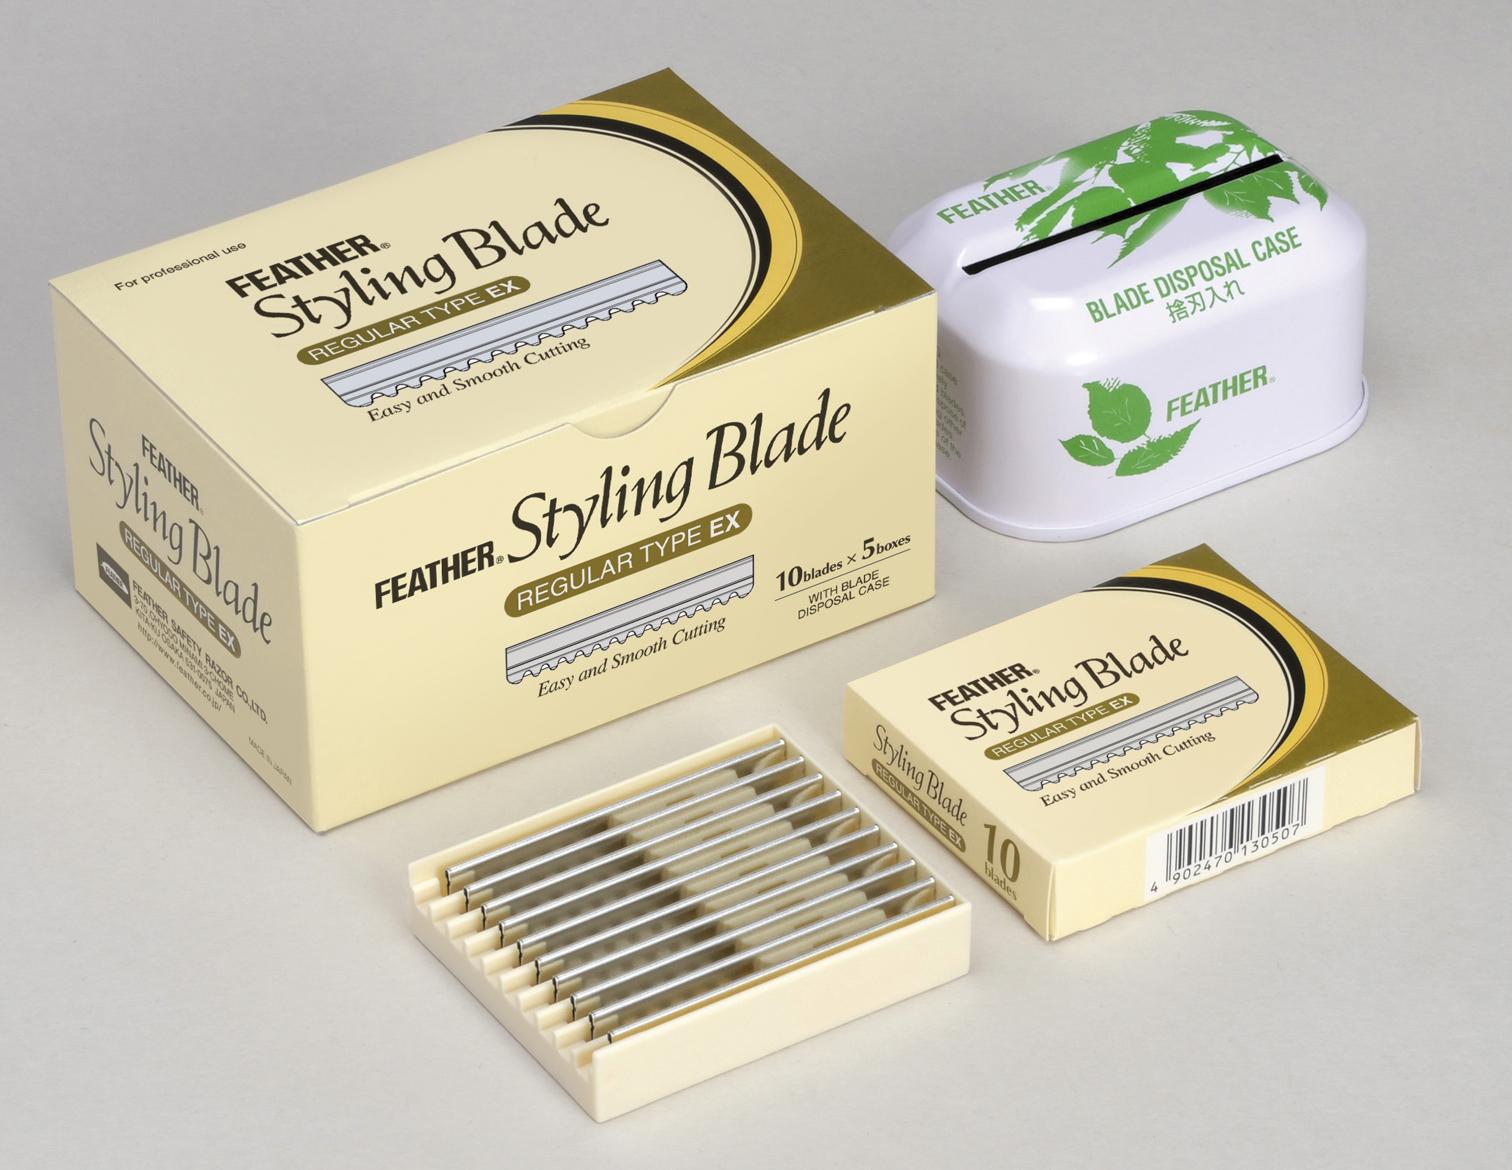 Feather набор лезвий для стрижки 5 диспенсеров и бокс для отработки лезвий28032022Специальные лезвия дляфилировочных бритв для стрижки волос. Благодаря тонкому наклонному срезу, который дает бритва, концы волос отлично падают по форме стрижки, создается красивая текстура.Используются при работе с бритвамидля стрижки волос серииStyling Razor.